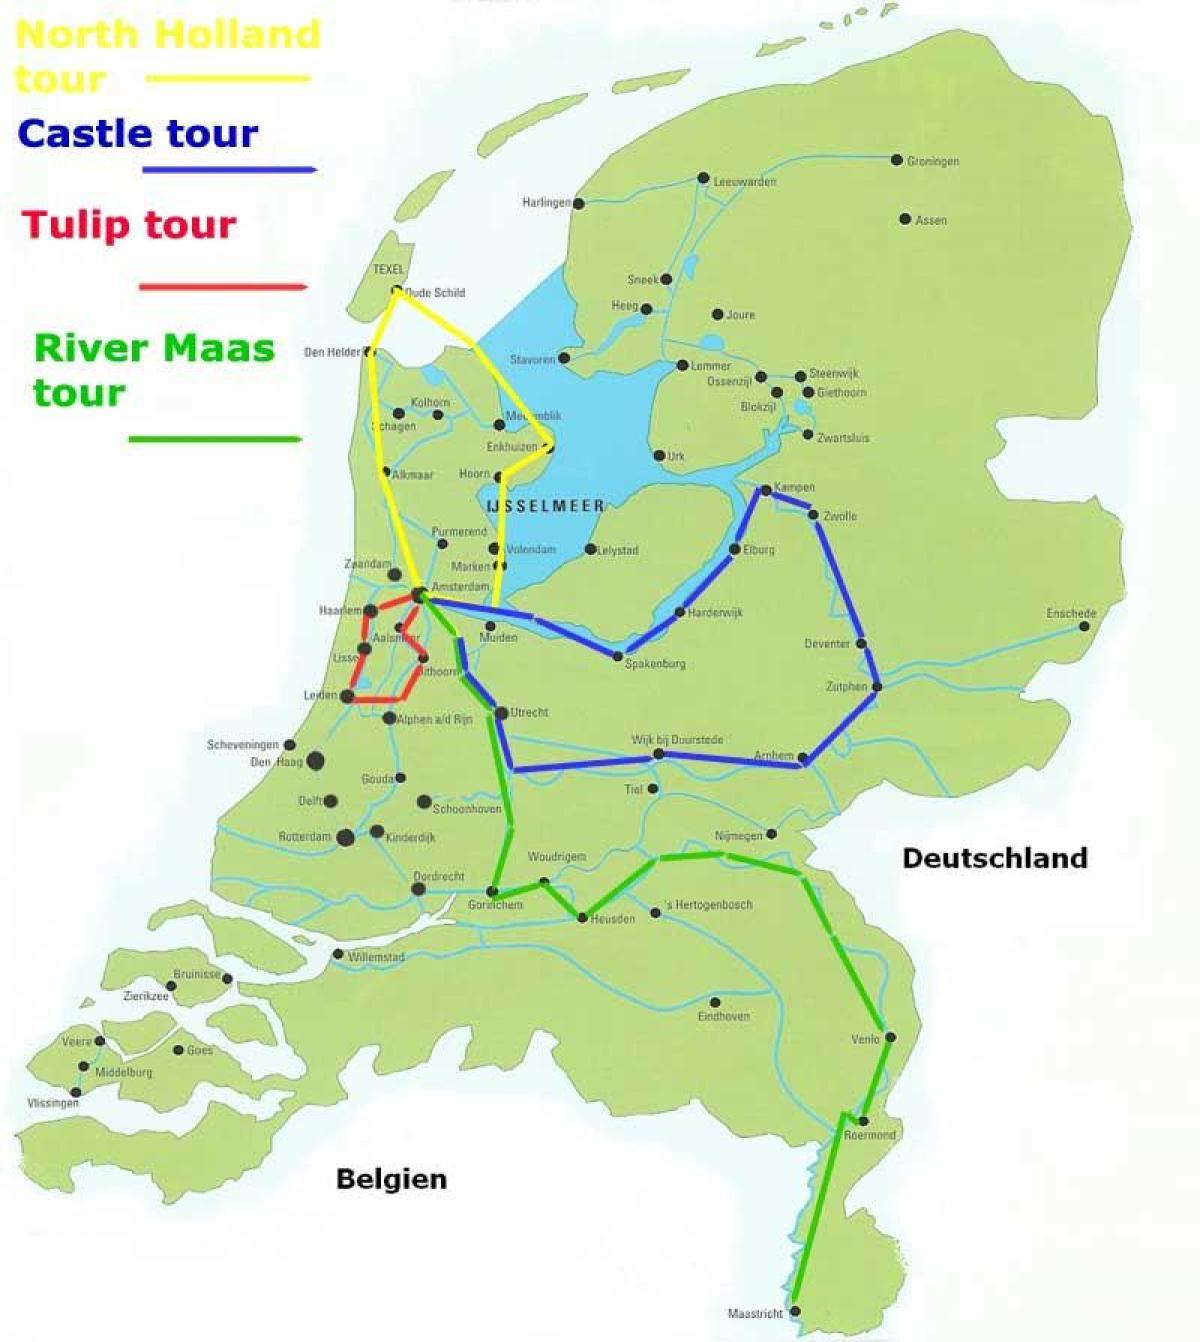 Holland Er Cykling Kort Kort Over Cykelruter I Holland I